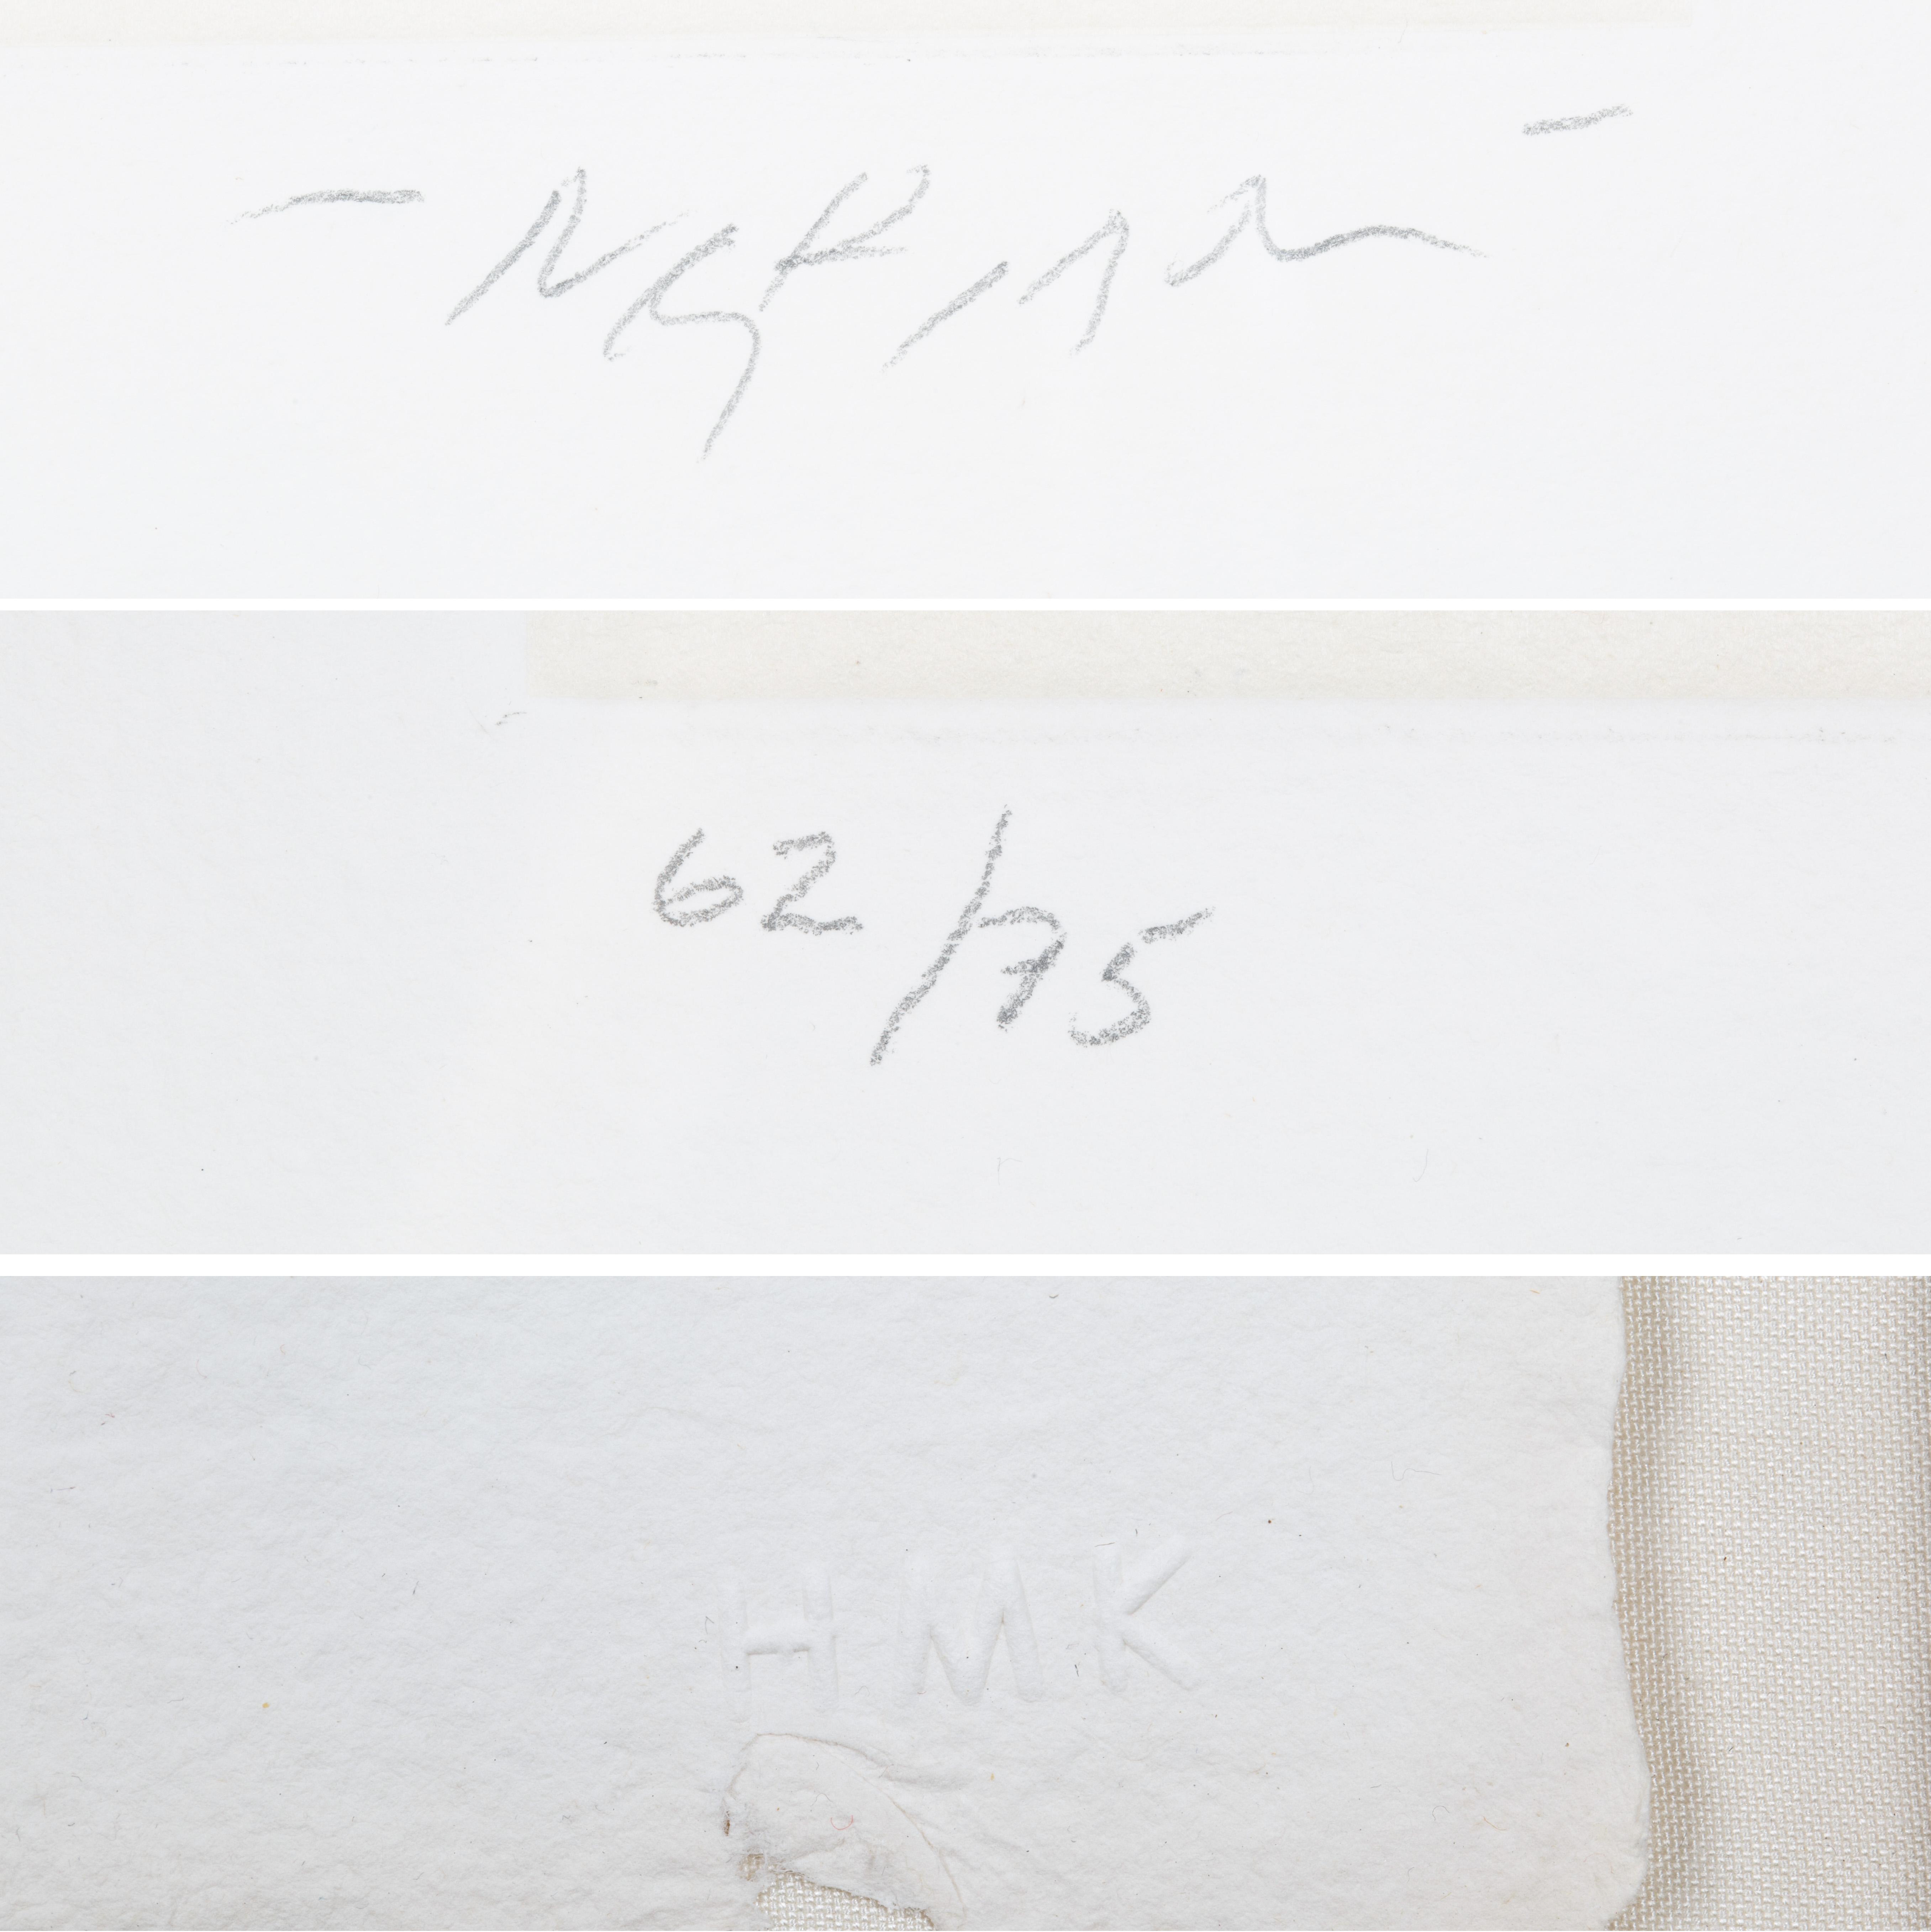 NINE ETCHINGS BY REUBEN NAKIAN (AMERICAN 1897-1986) - Image 7 of 18